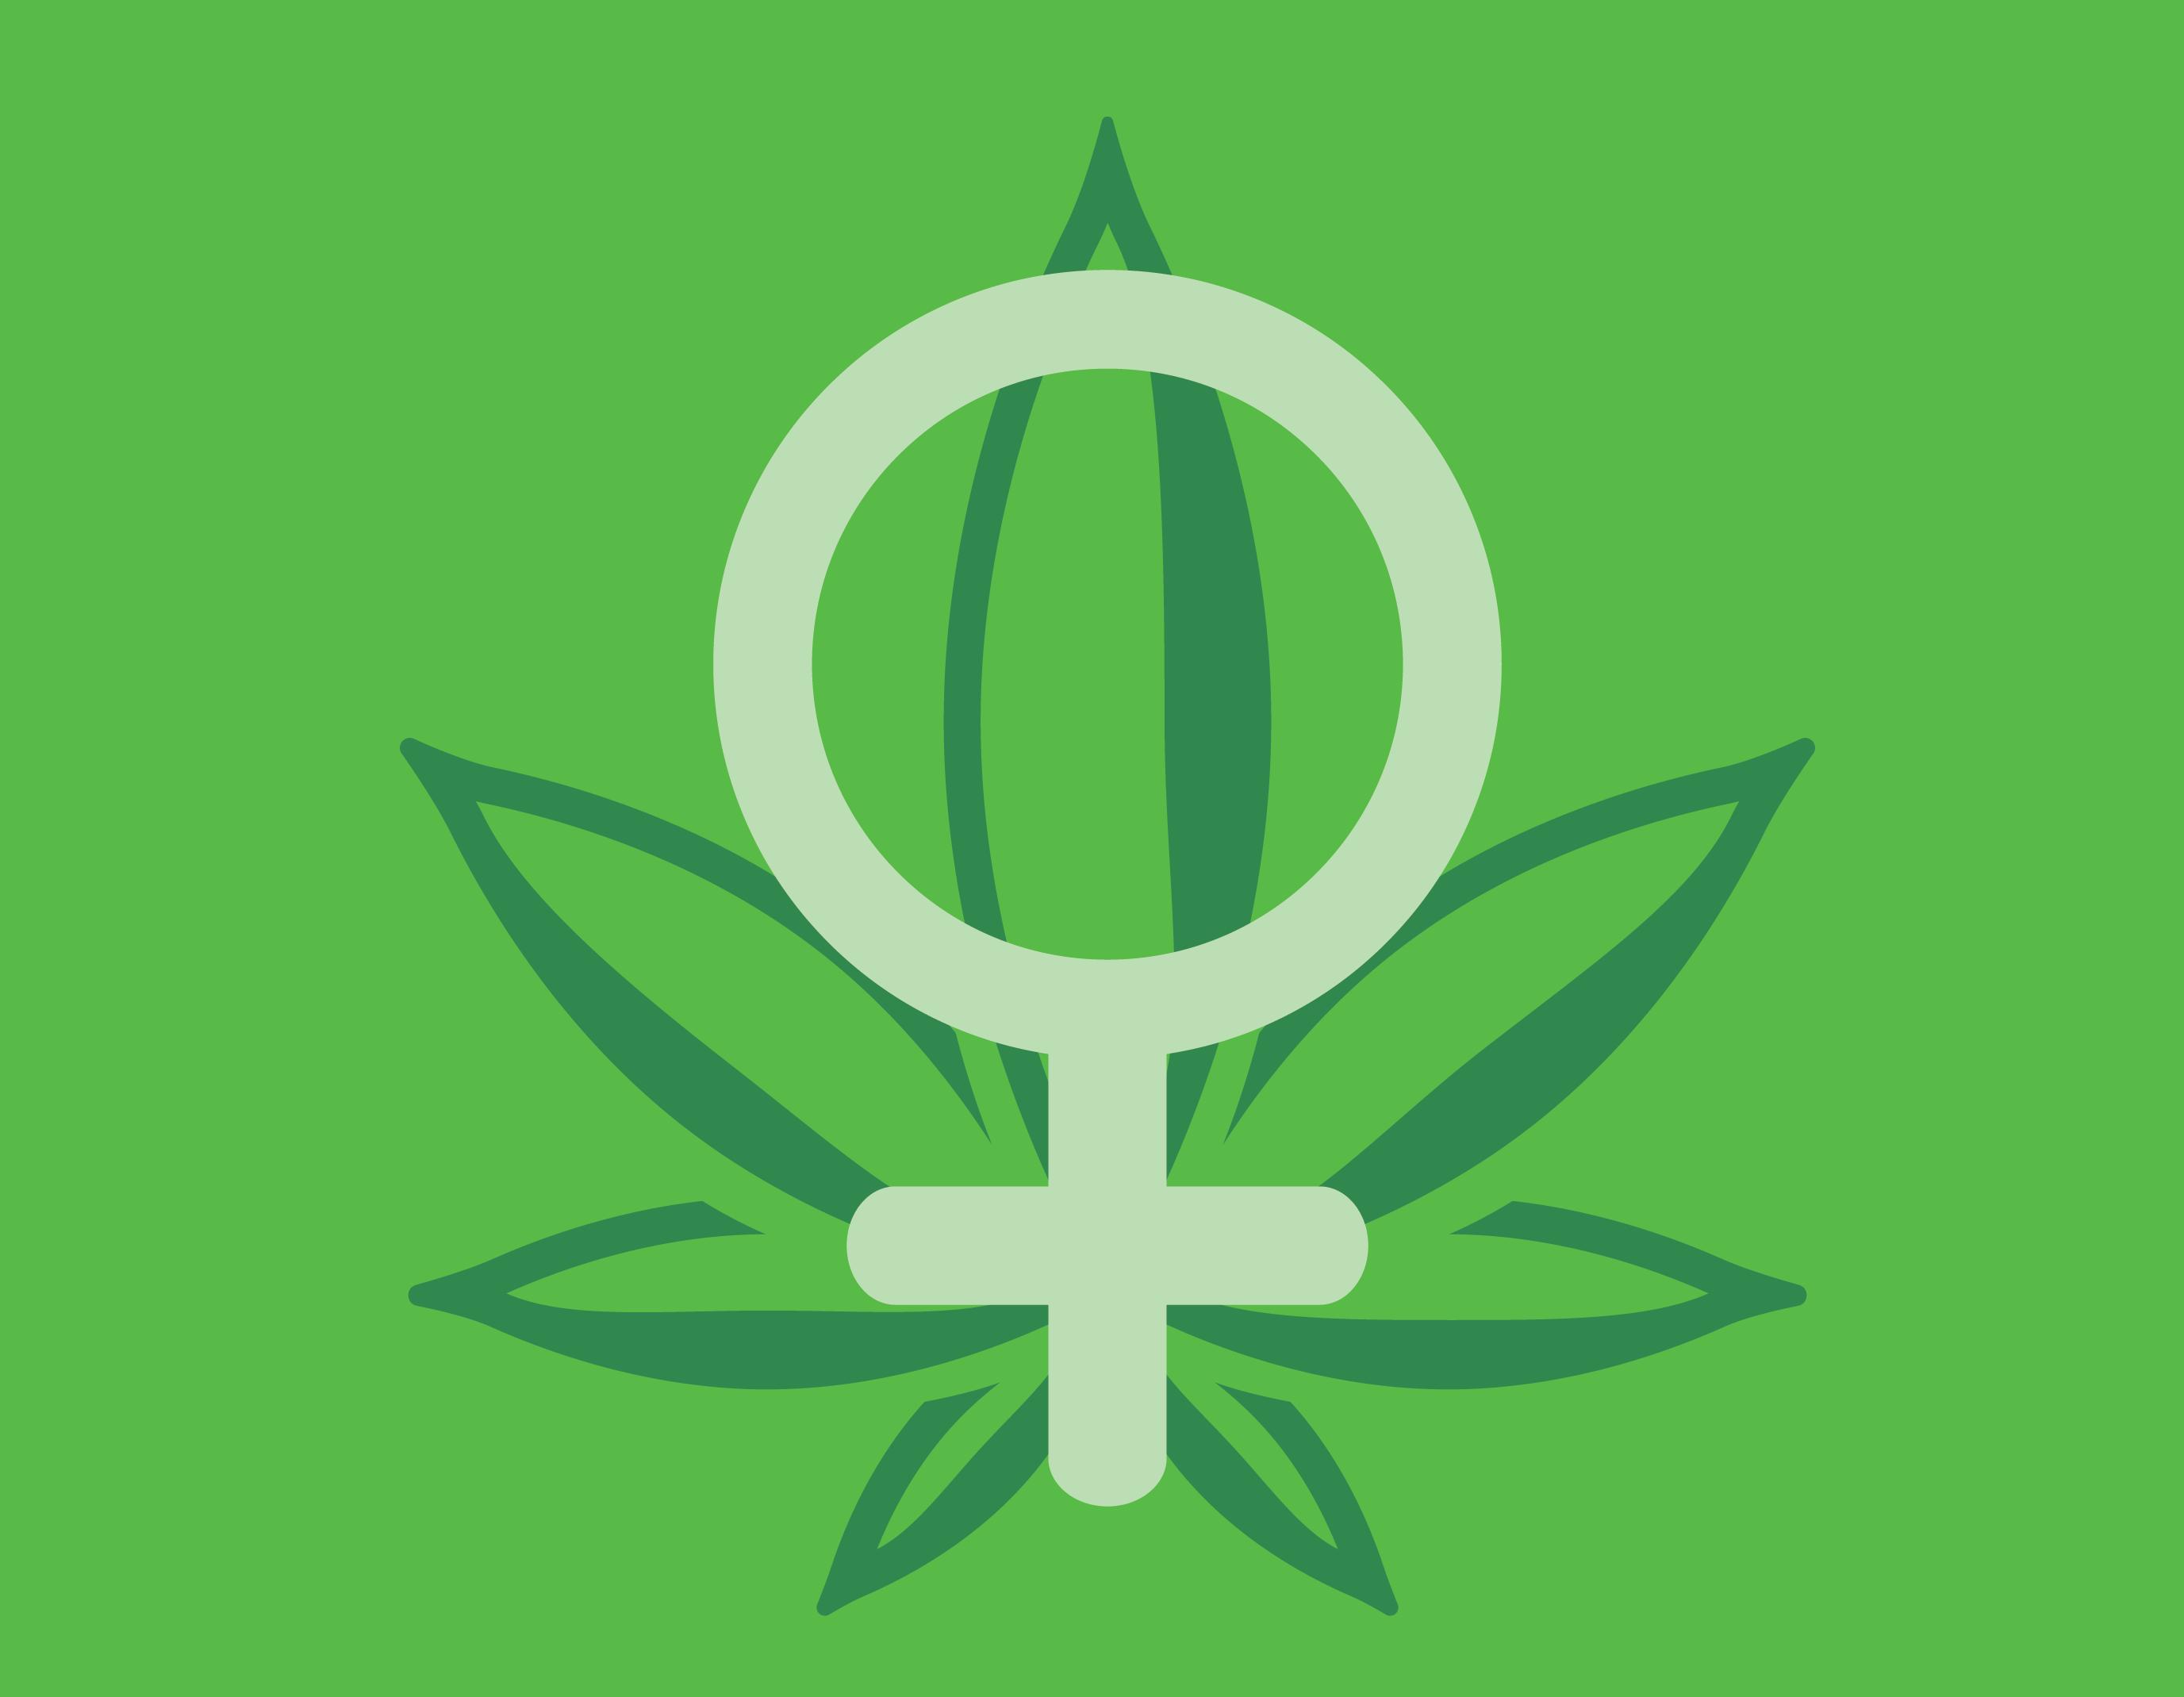 Mujer de cannabis marihuana gustos de los consumidores preferencias real semillas reina favorita